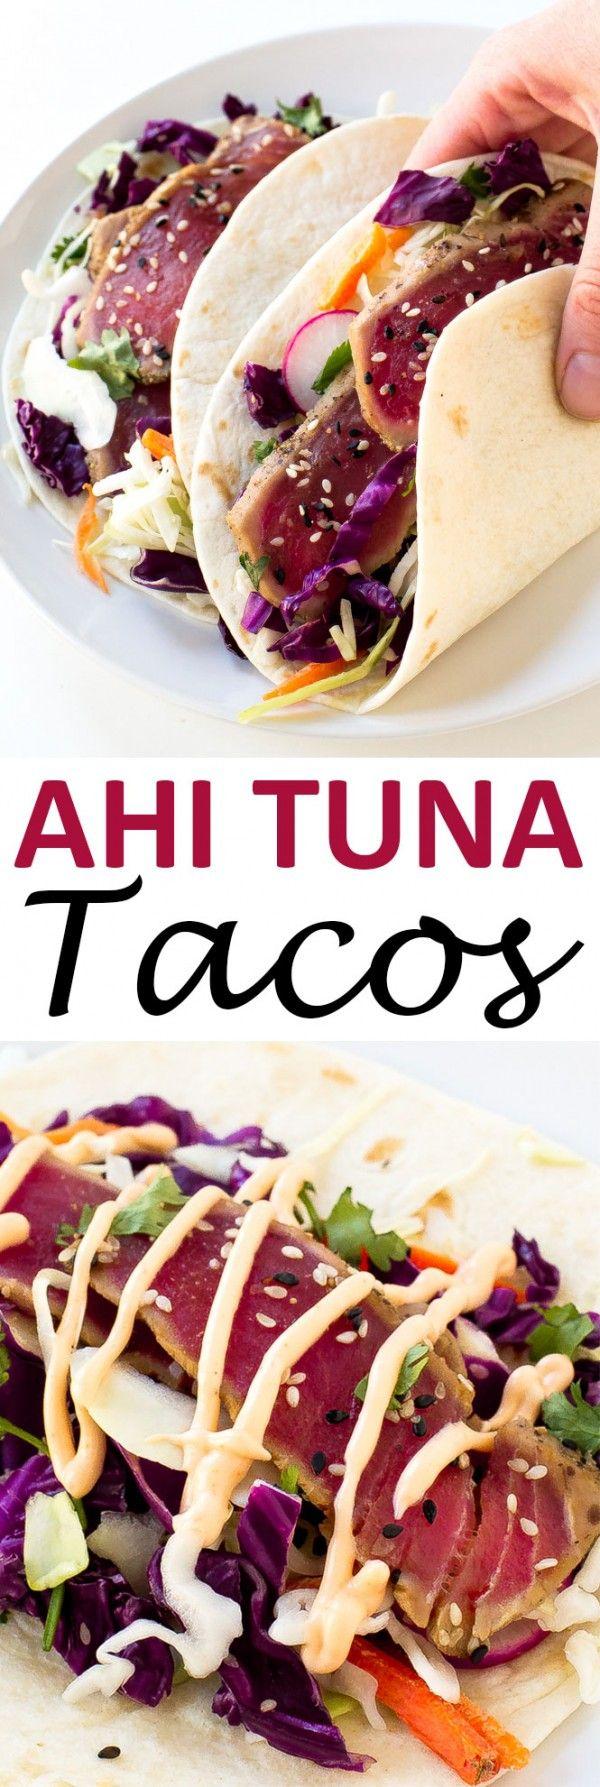 Get the recipe Ahi Tuna Tacos @recipes_to_go